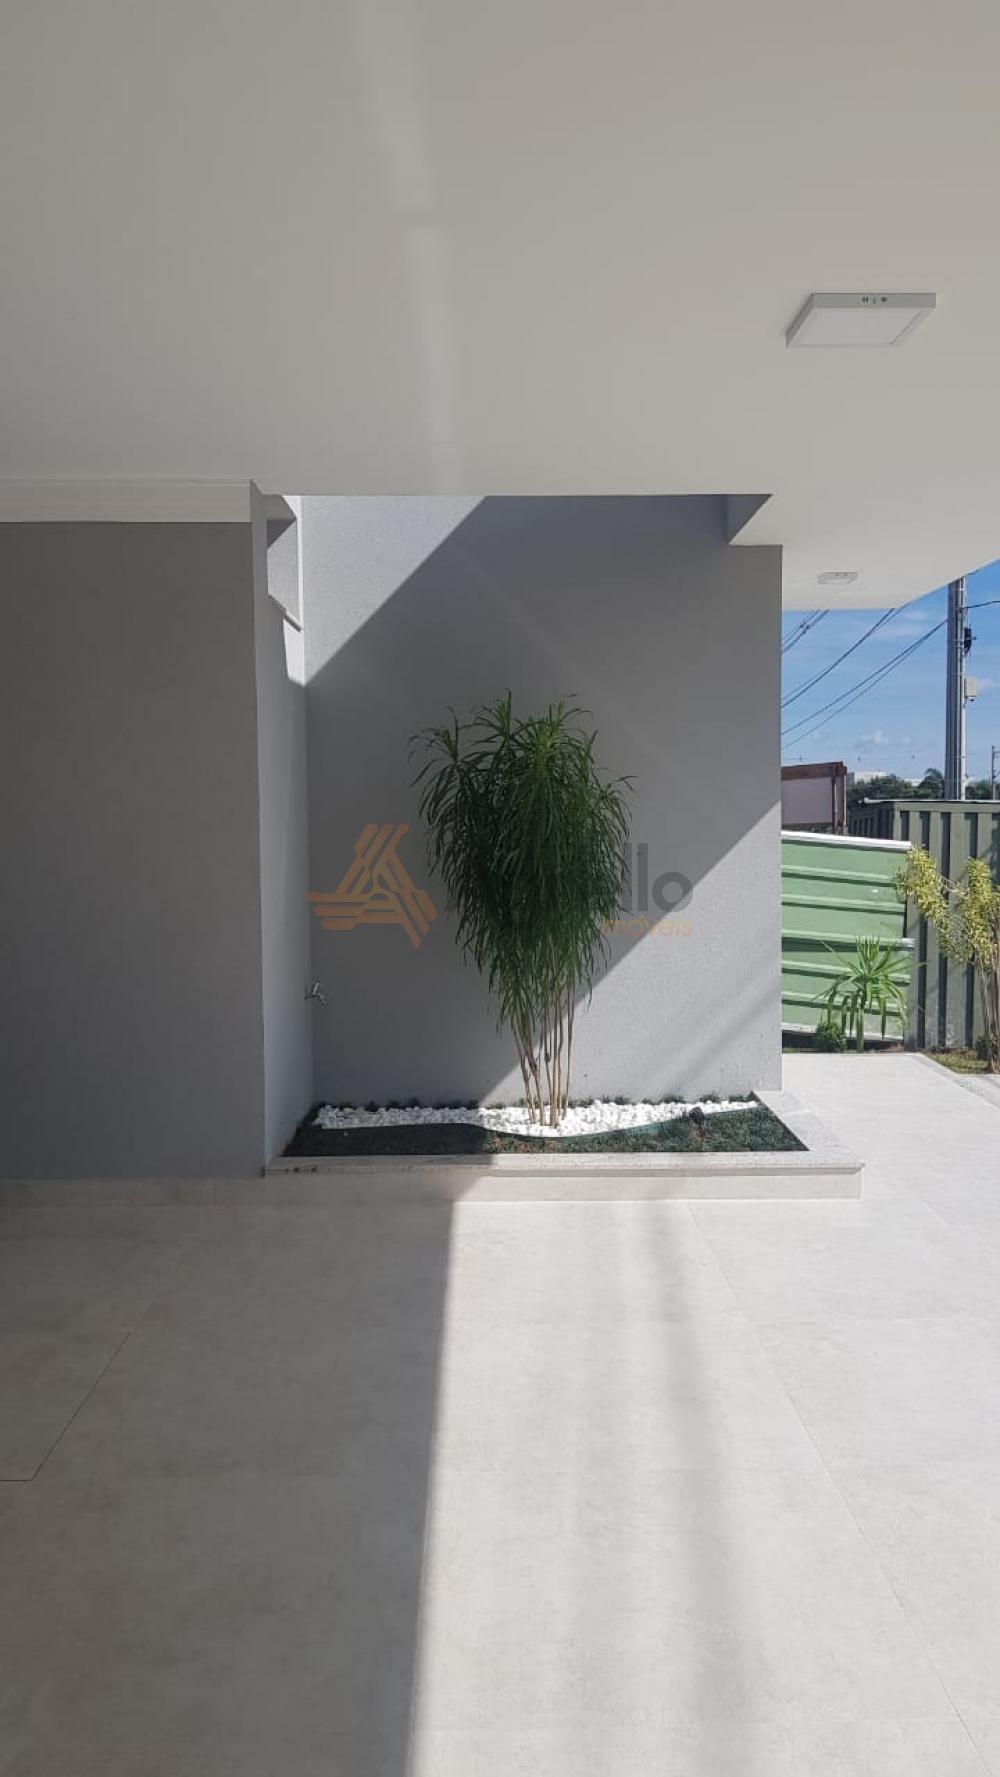 Comprar Casa / Condomínio em Franca apenas R$ 1.300.000,00 - Foto 20